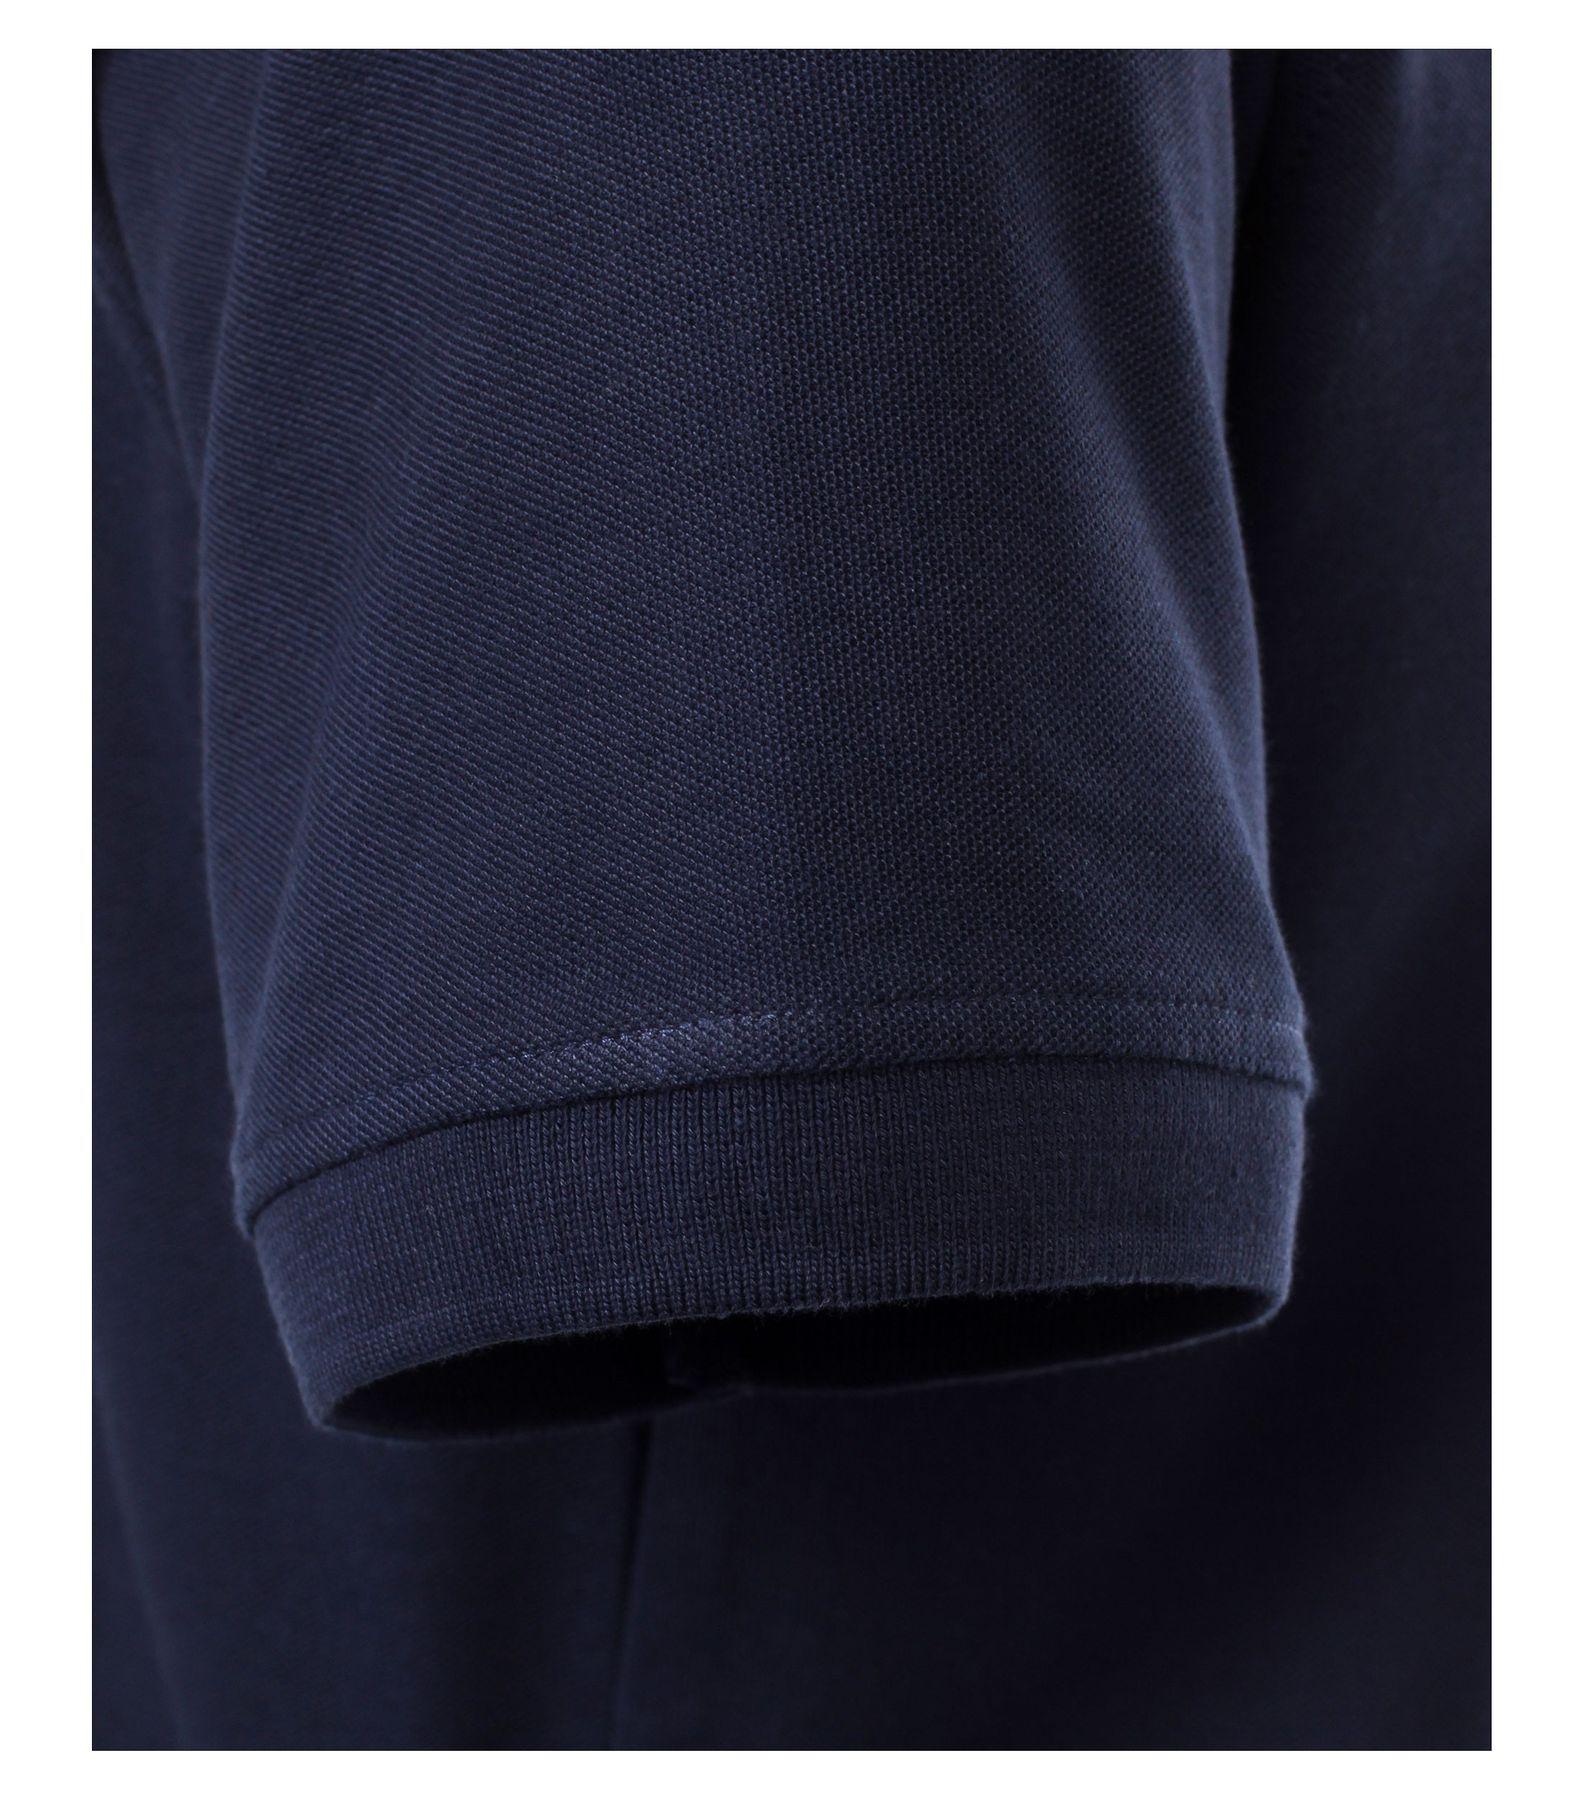 Casa Moda - Herren Polo Shirt mit Brusttasche in verschiedenen Farben S-6XL (004270) – Bild 14